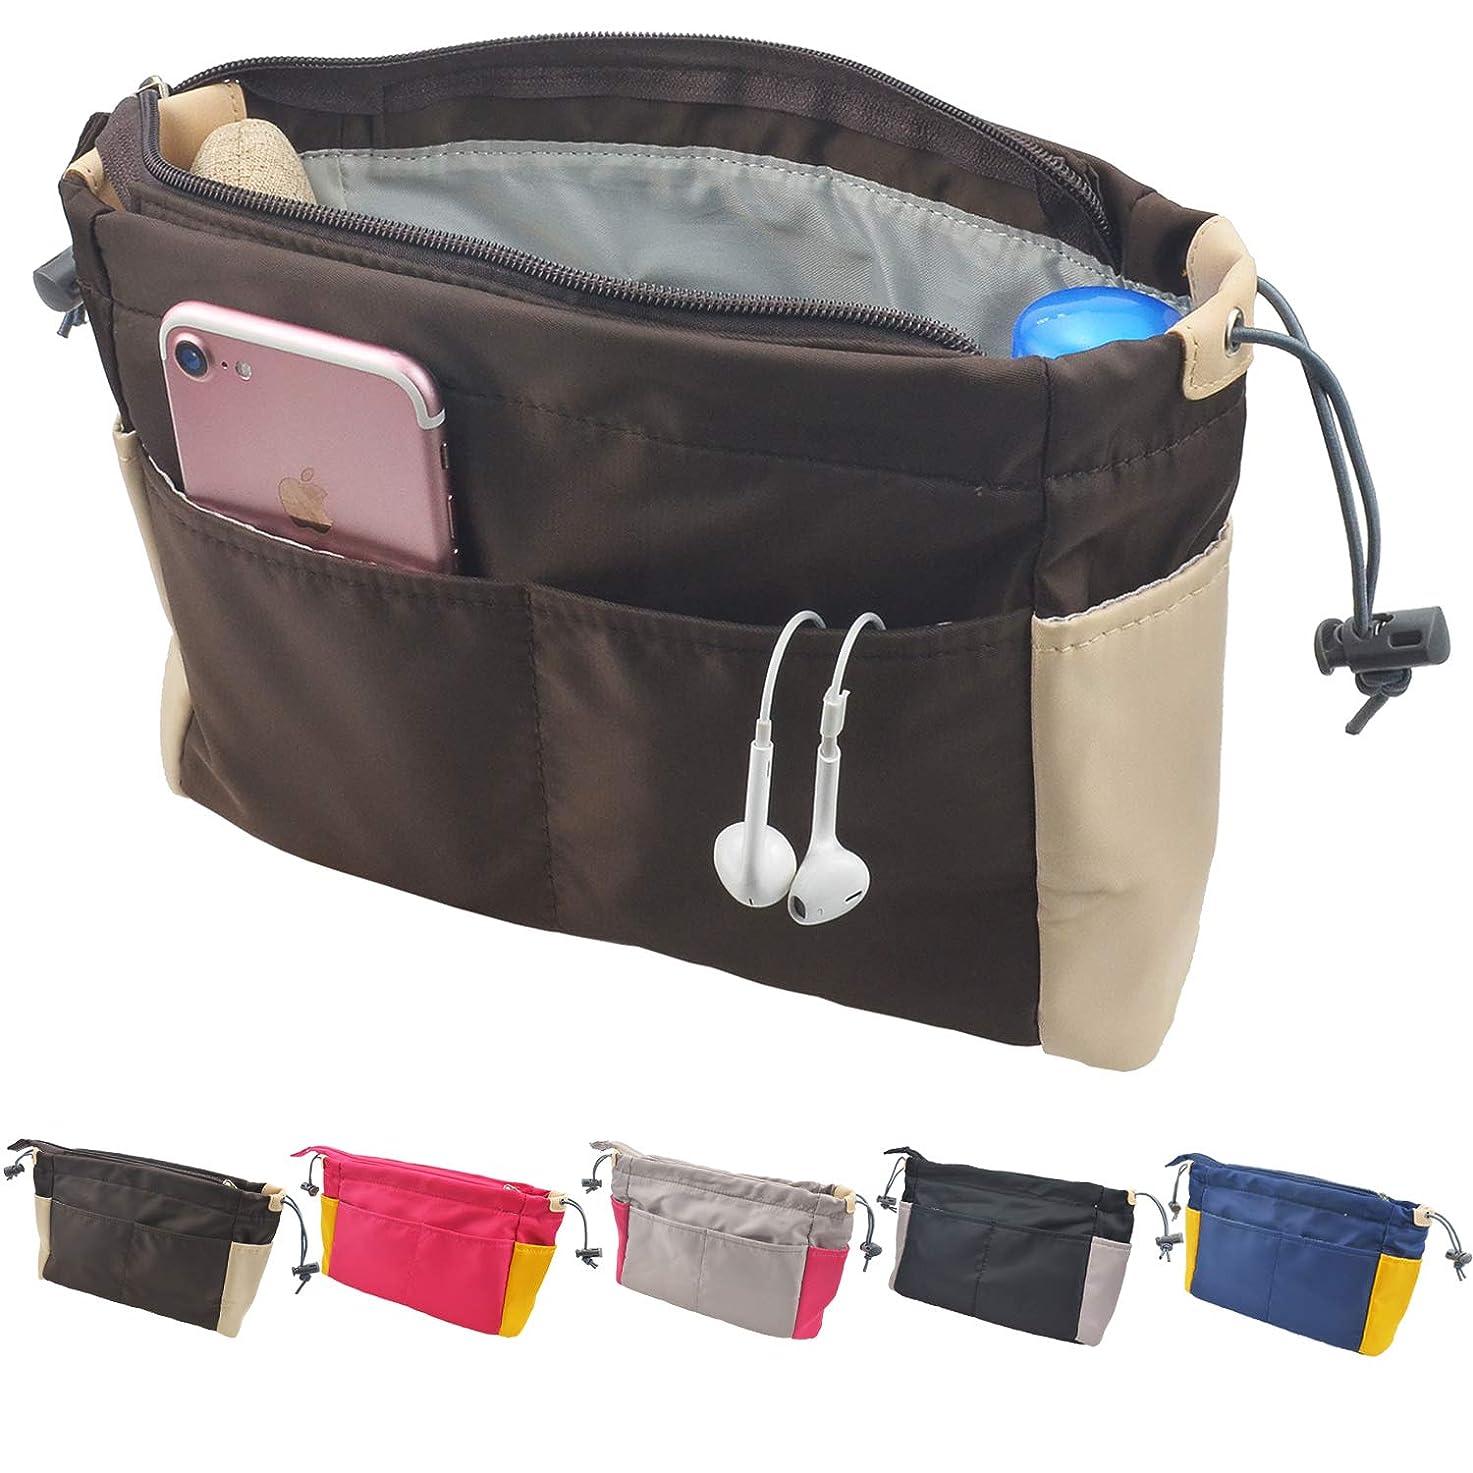 補充未亡人リンクバックインバック メンズ レディース Organizer Bag in Bag バッグインバッグ 軽 人気 仕切り インナーバッグ